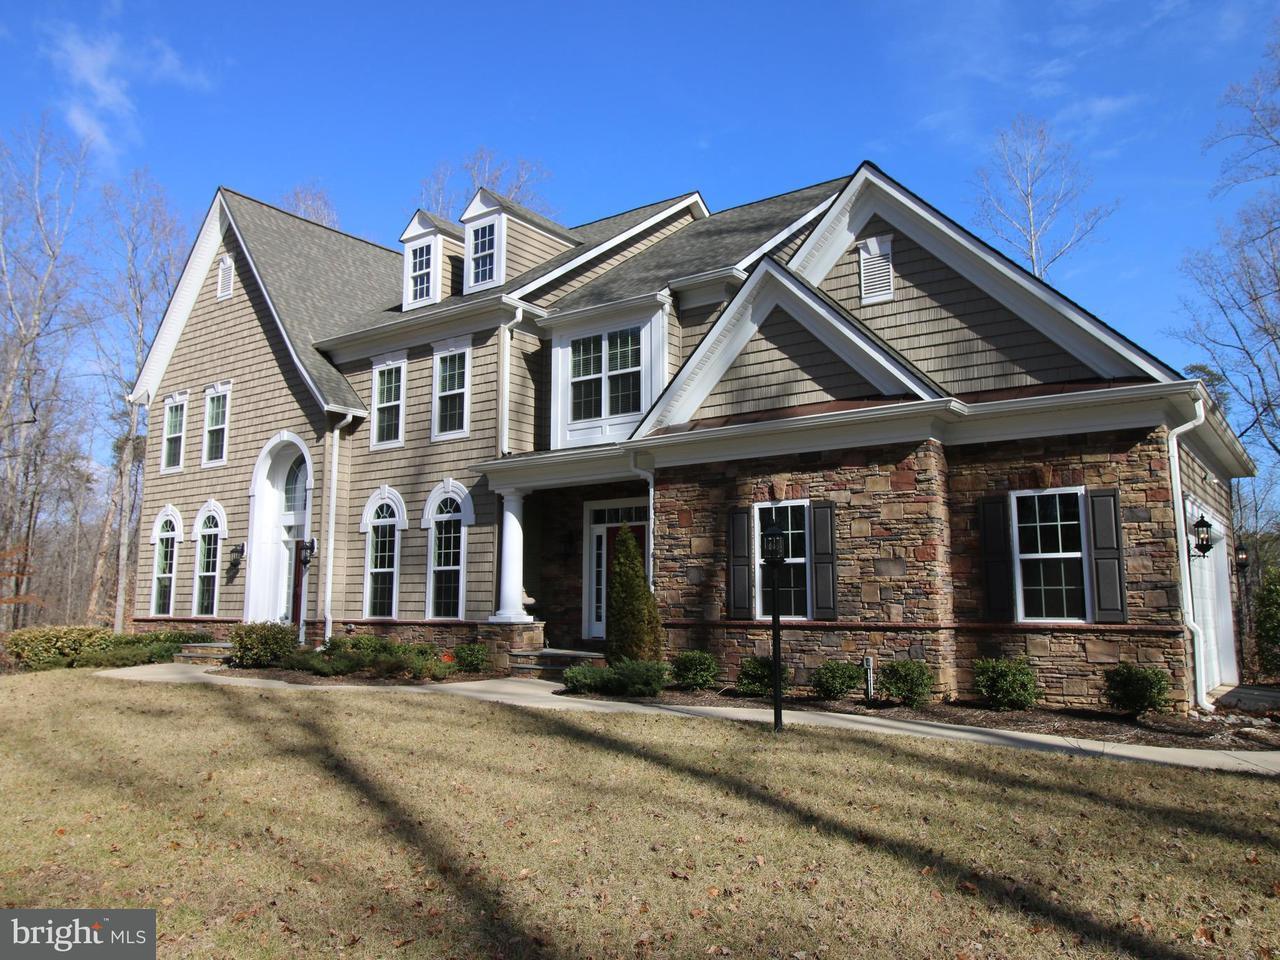 단독 가정 주택 용 매매 에 235 Twinleaf Drive 235 Twinleaf Drive Stafford, 버지니아 22556 미국